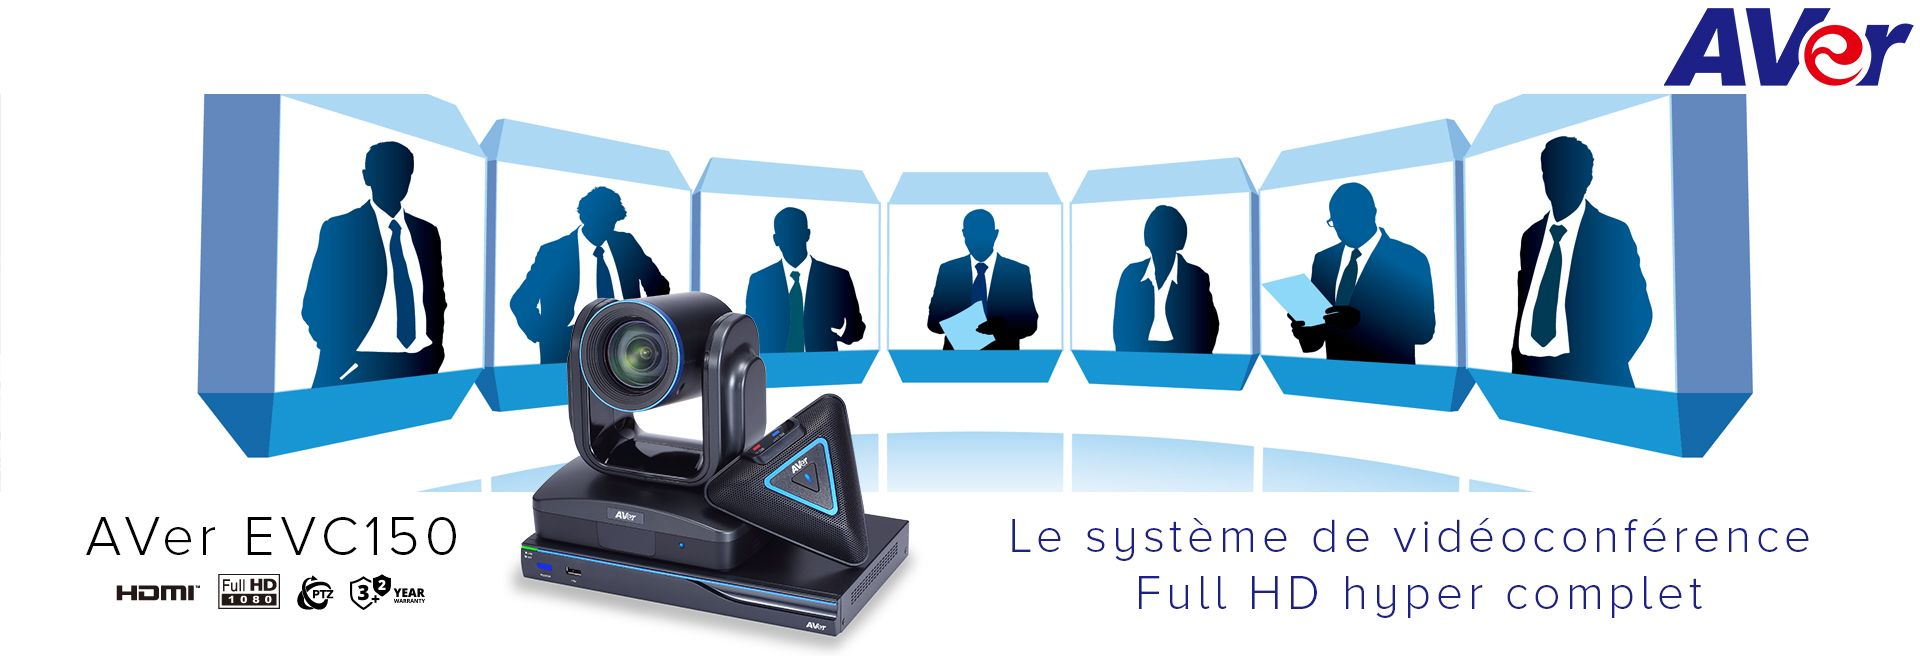 un système de vidéoconférence Full HD hyper complet